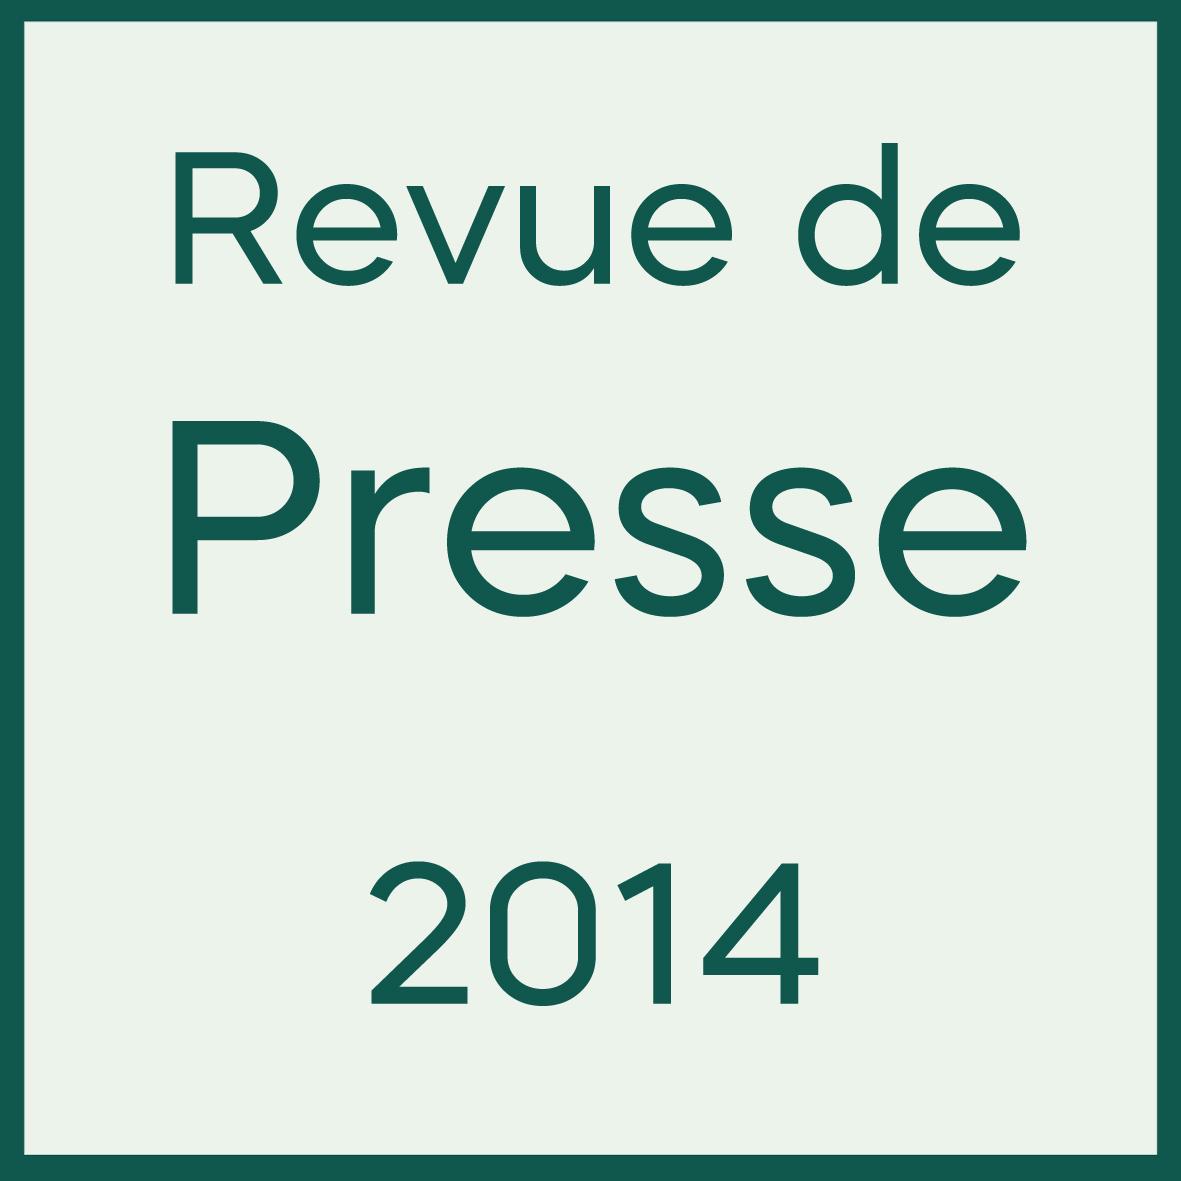 revue-de-presse-2014-1